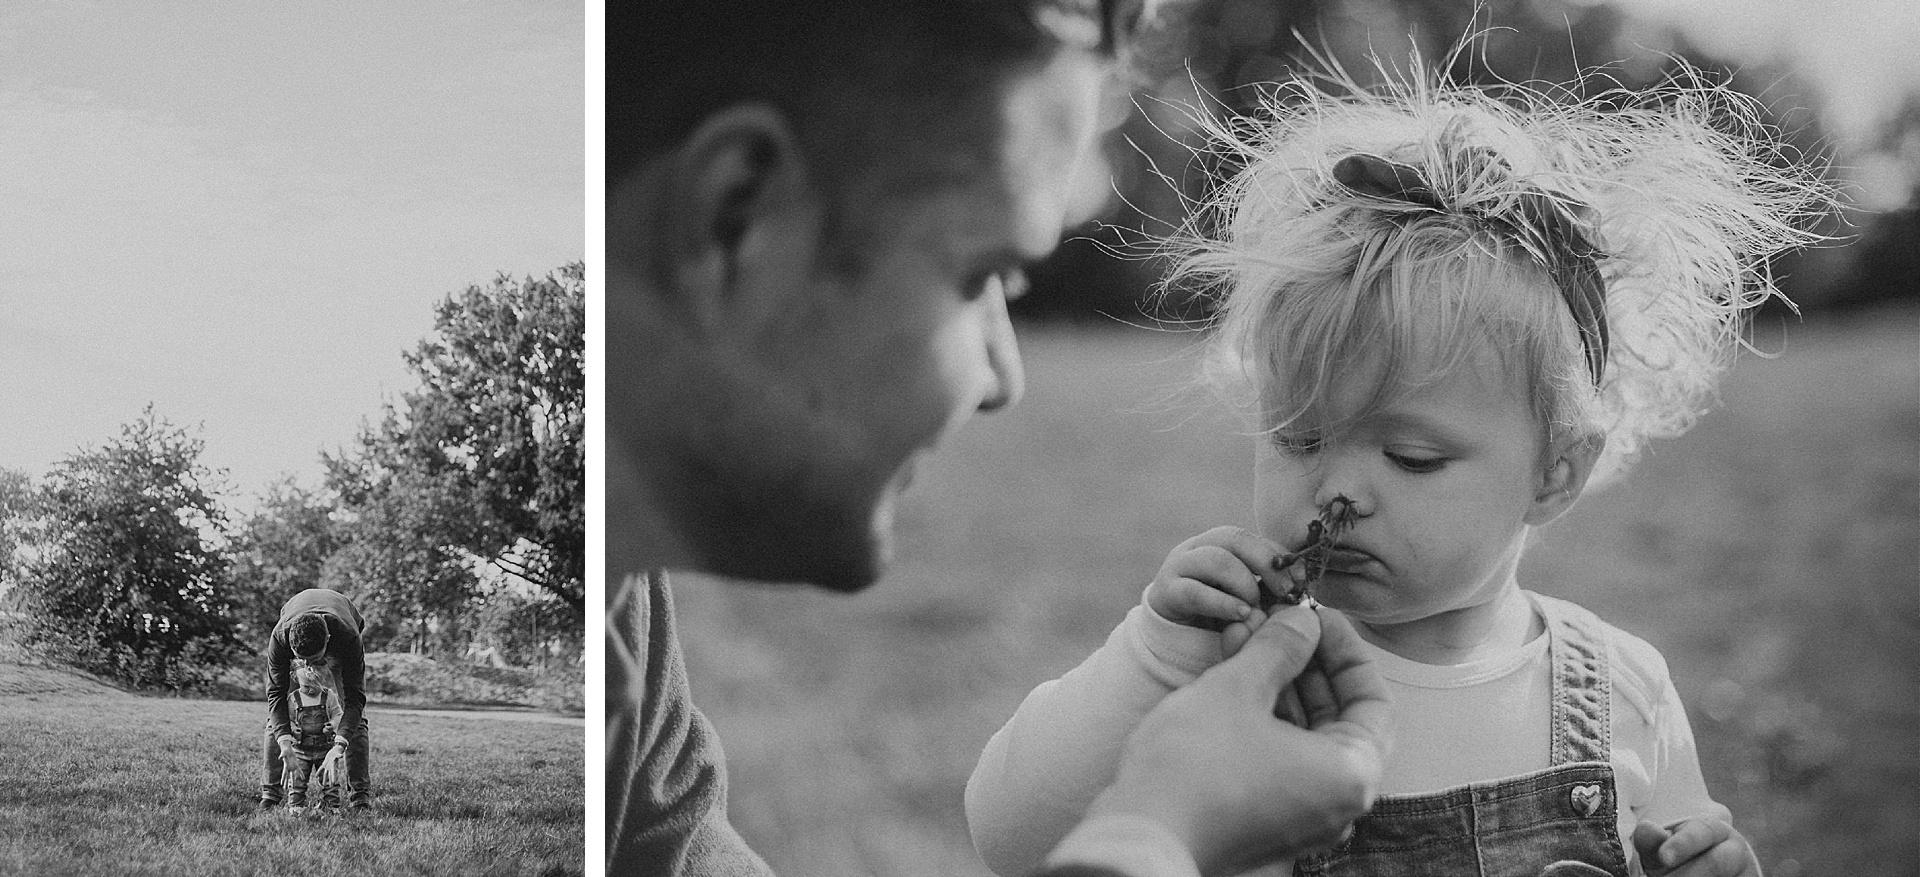 familienfotograf-familien-reportage-bremen-danielzube-familienfotografie_0010.jpg